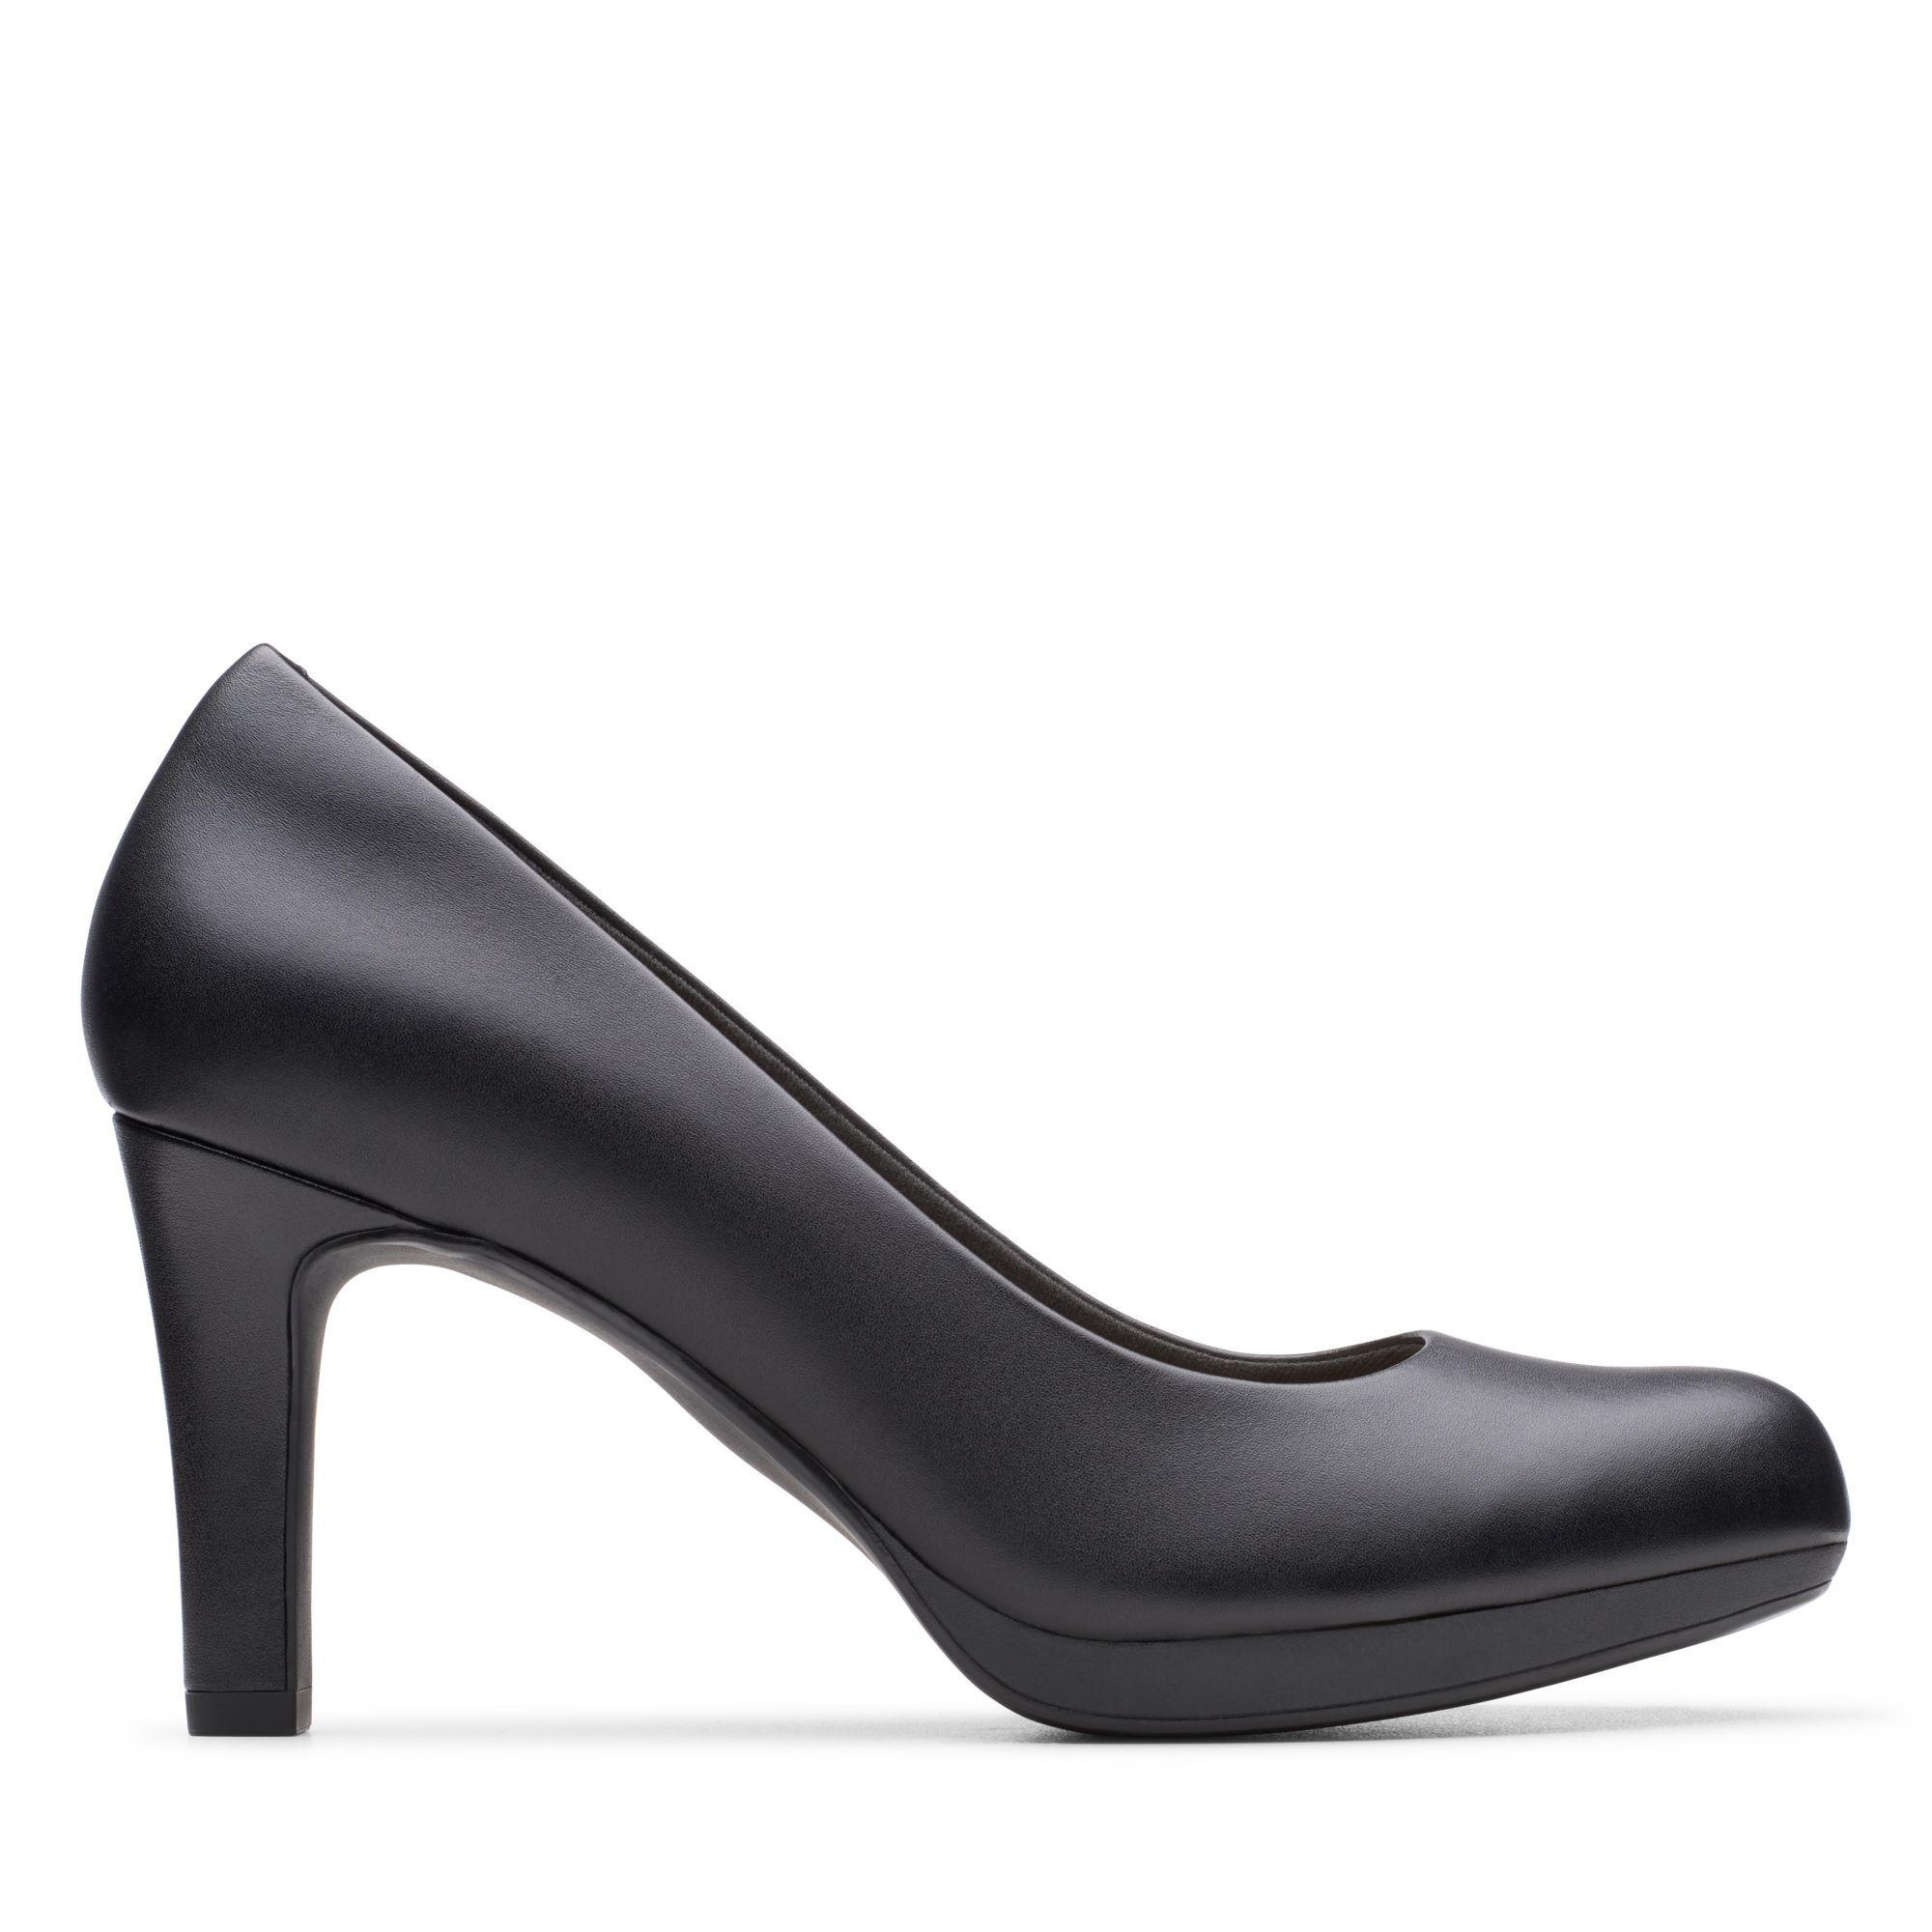 Black Leather Pumps - Adriel Viola   Clarks